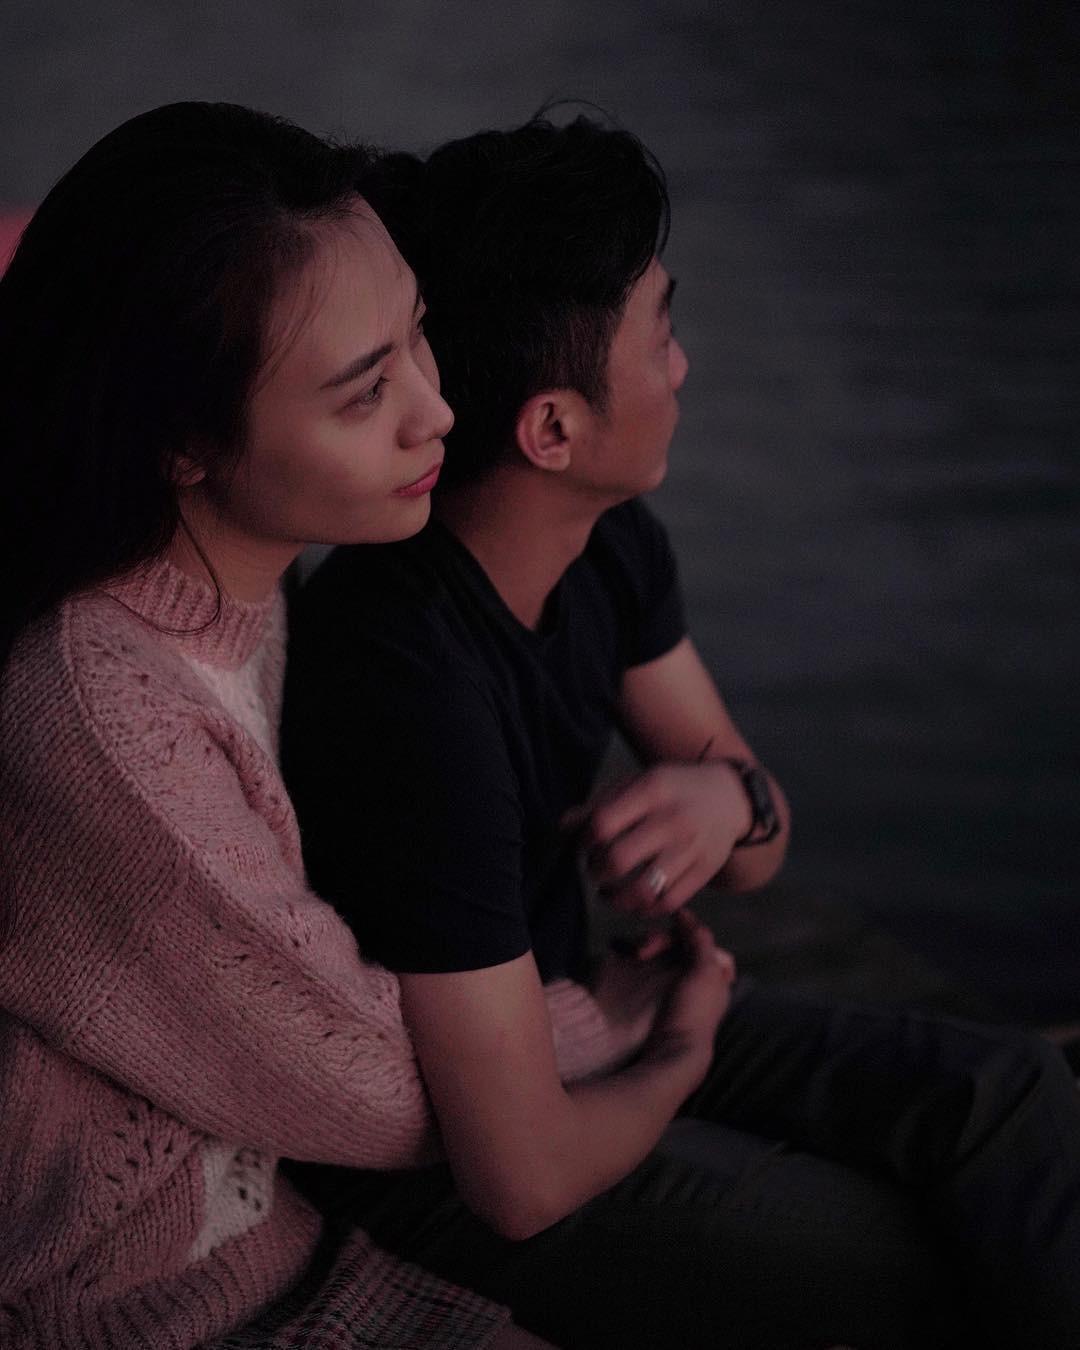 Không chỉ tung thêm ảnh cưới, Cường Đô La còn tăng độ ngọt với Đàm Thu Trang chỉ bằng 1 câu nói! - Ảnh 3.